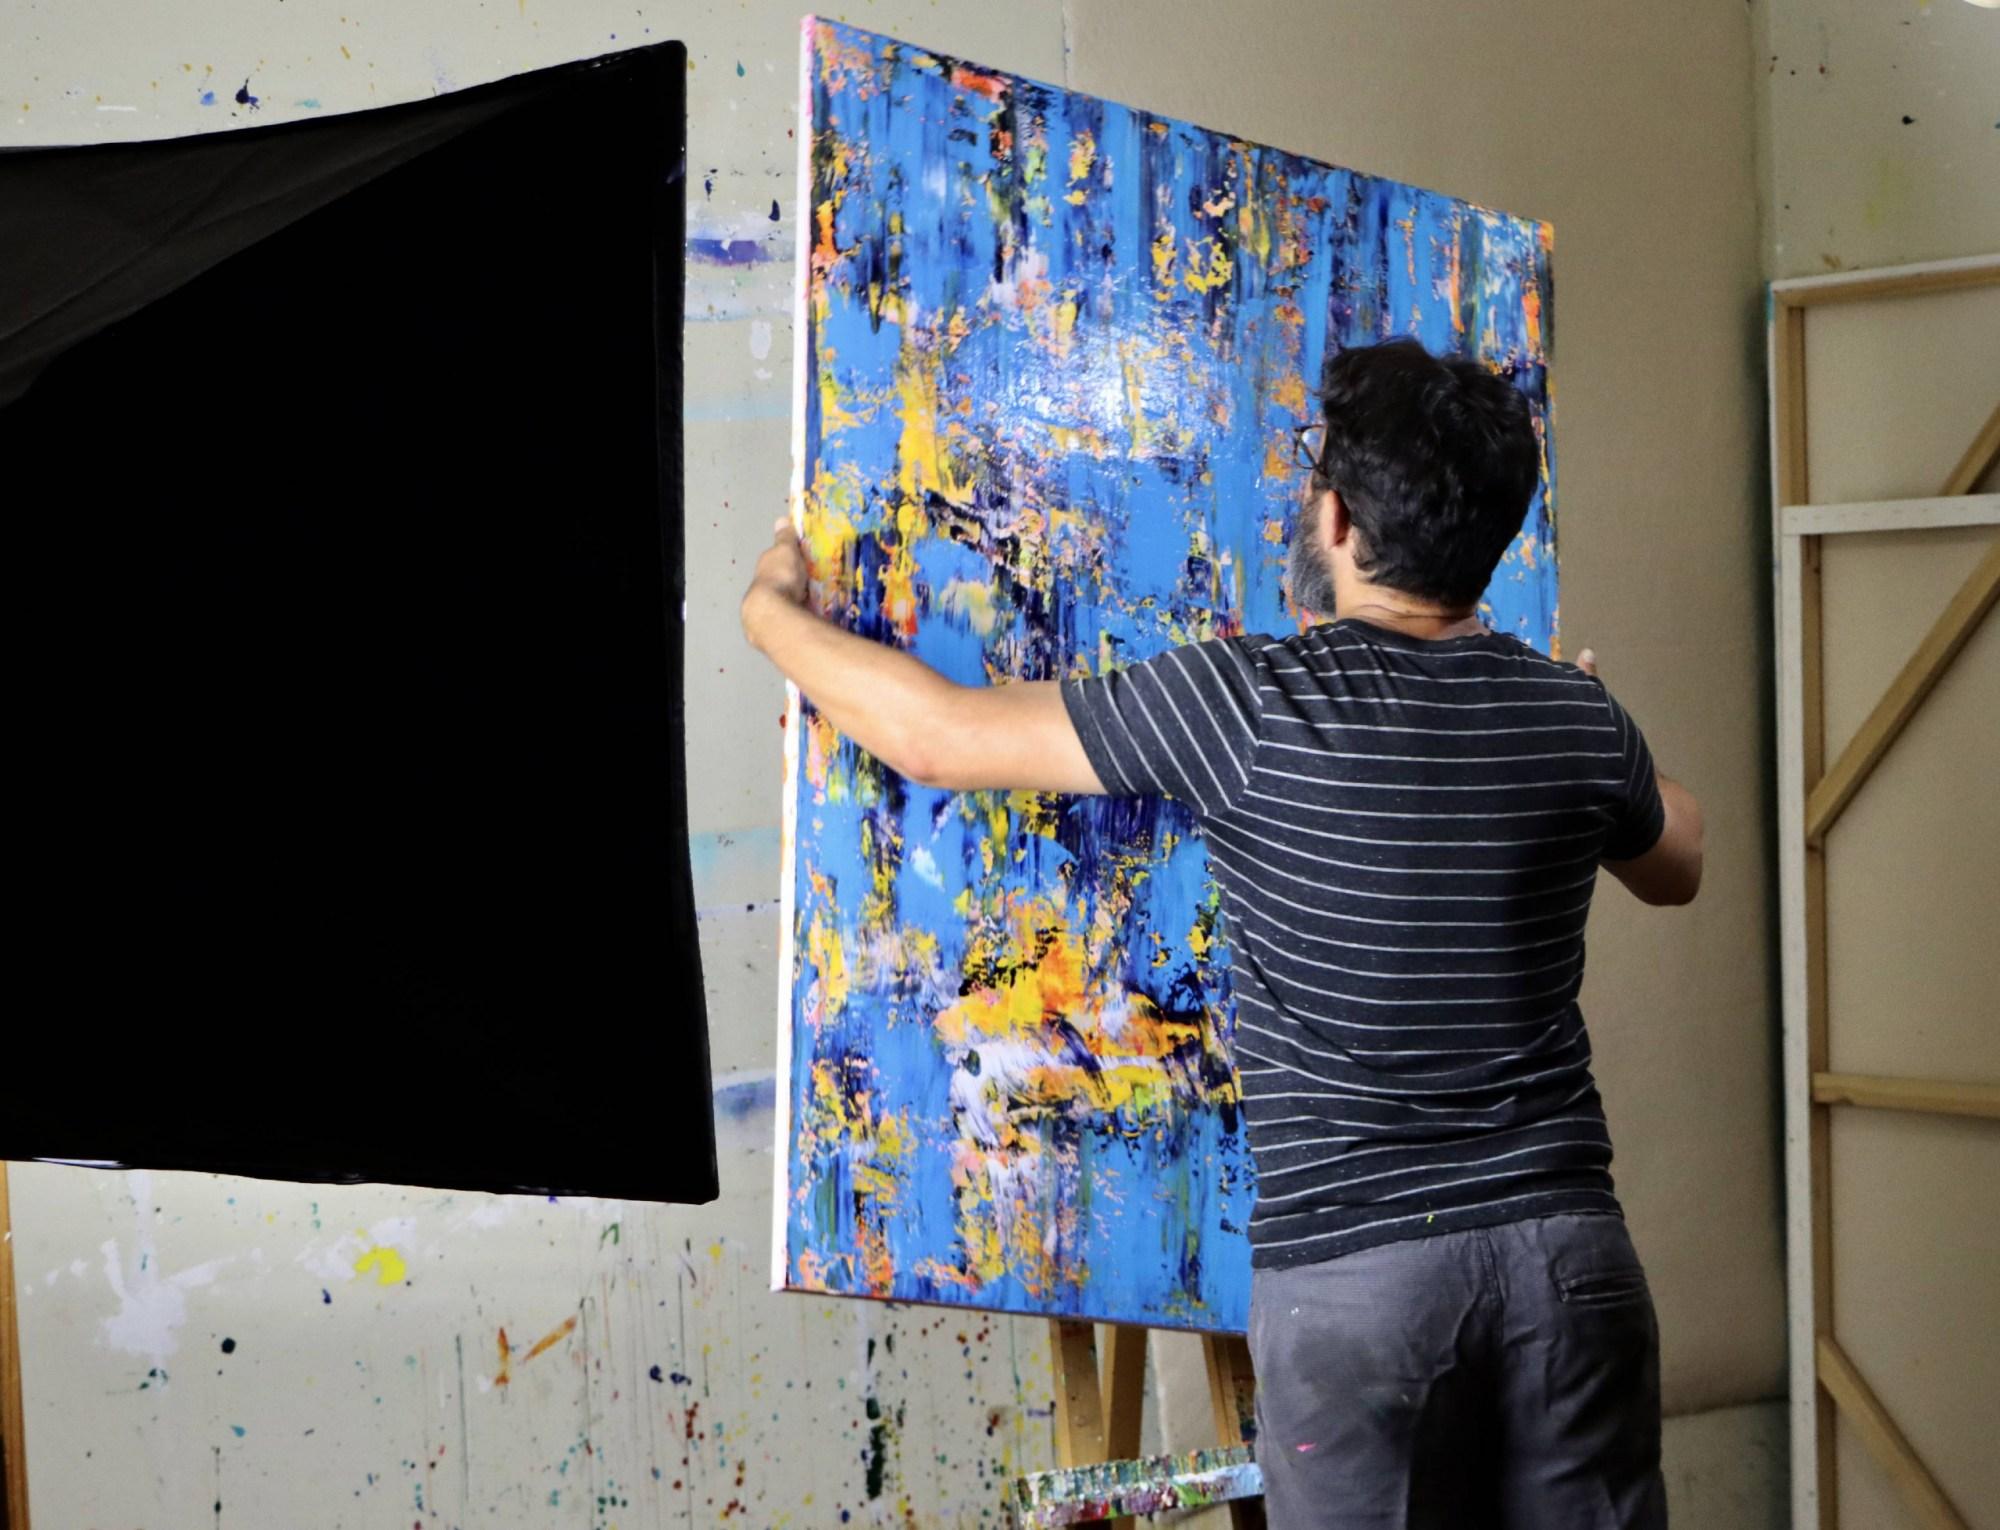 Nestor Toro in the studio creating this very work - Rapid Iridescent Cascades (2020) by Nestor Toro